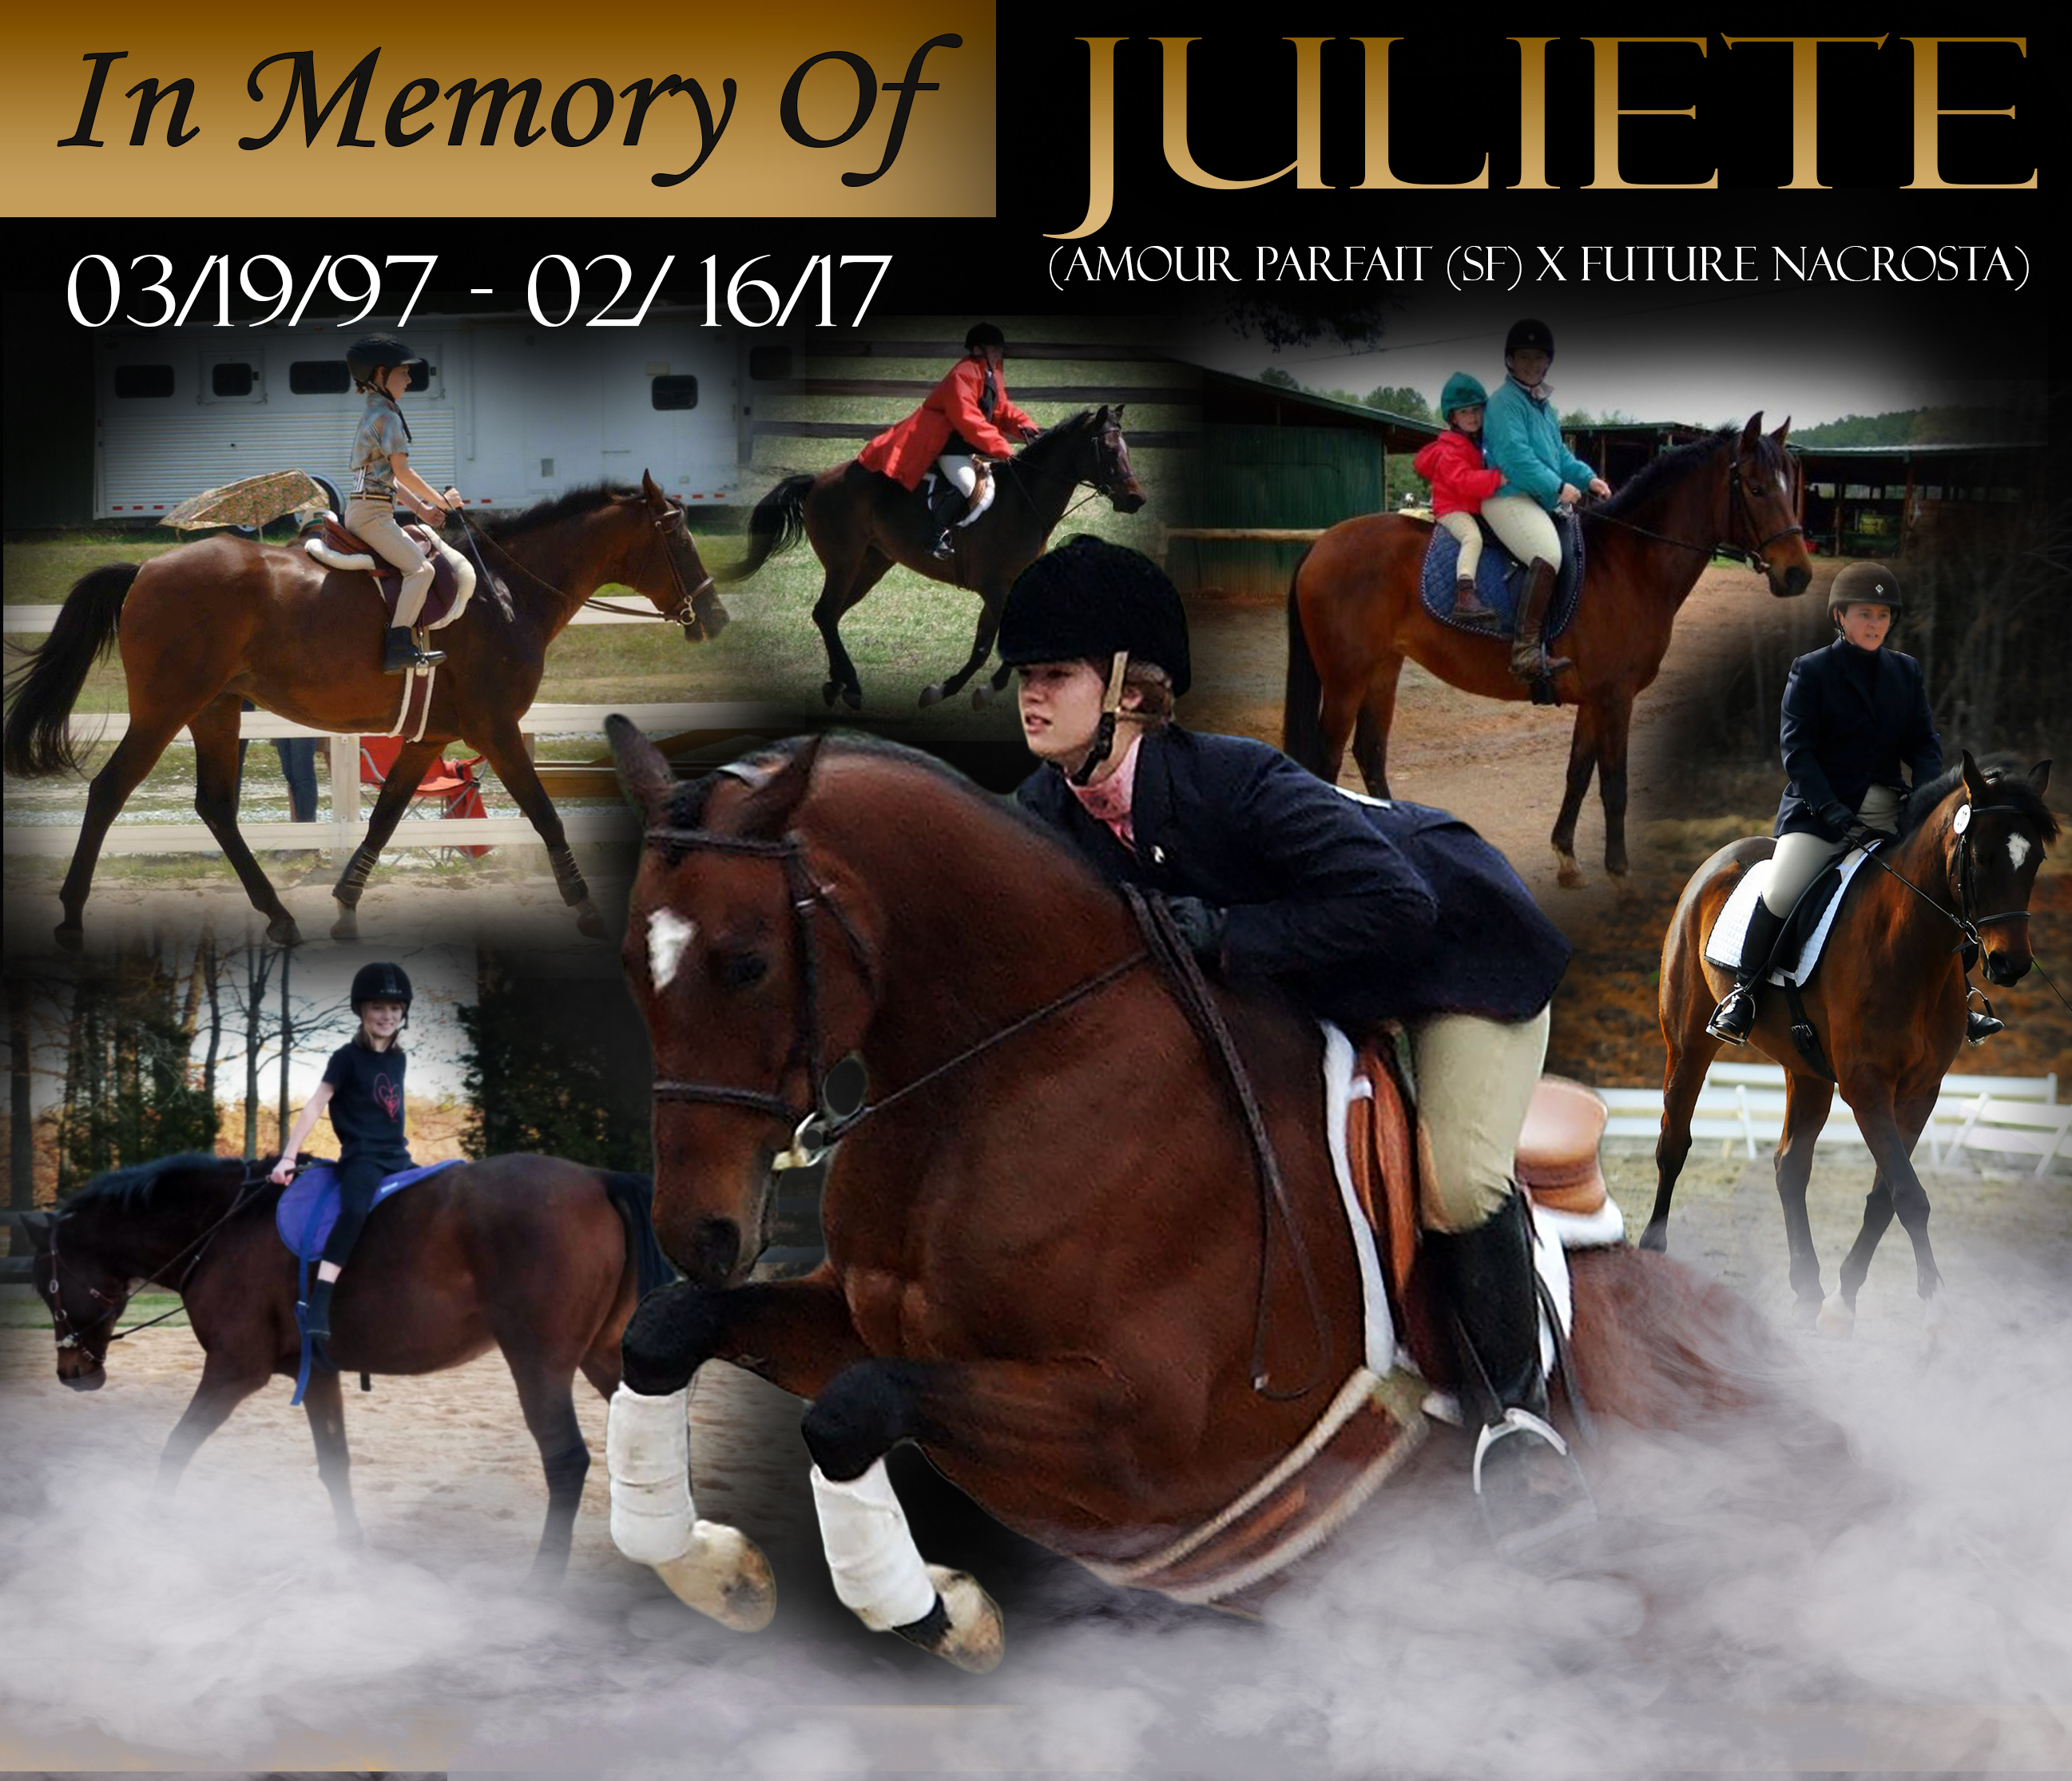 Juliette Memorial